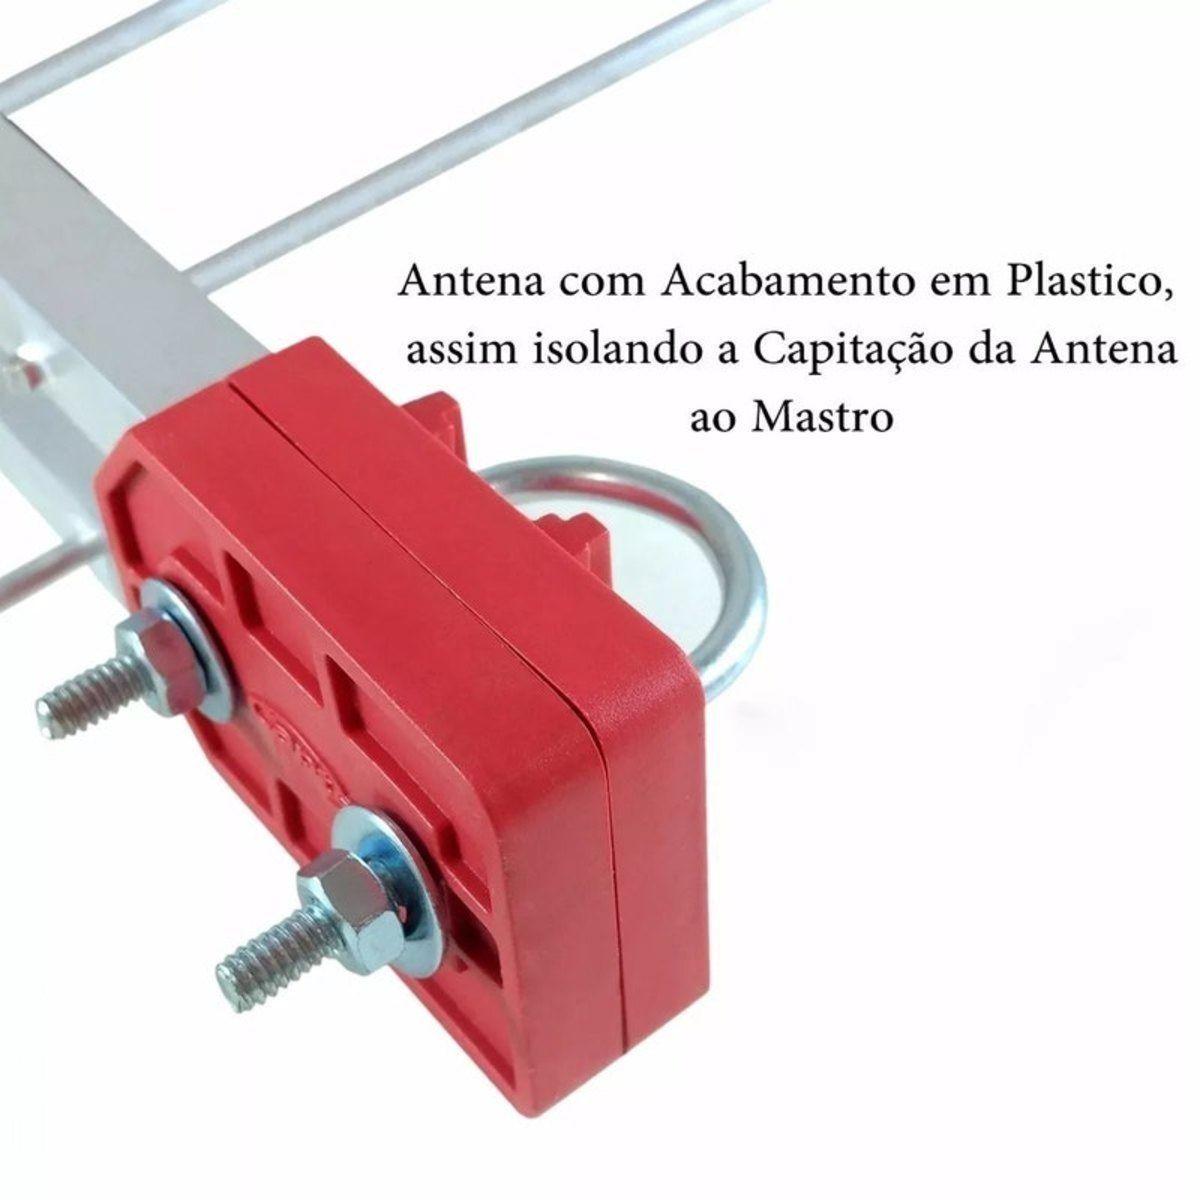 Antena Externa Digital 4k Log 28 Elementos E Cabo 10 Metros + Mastro 45 cm